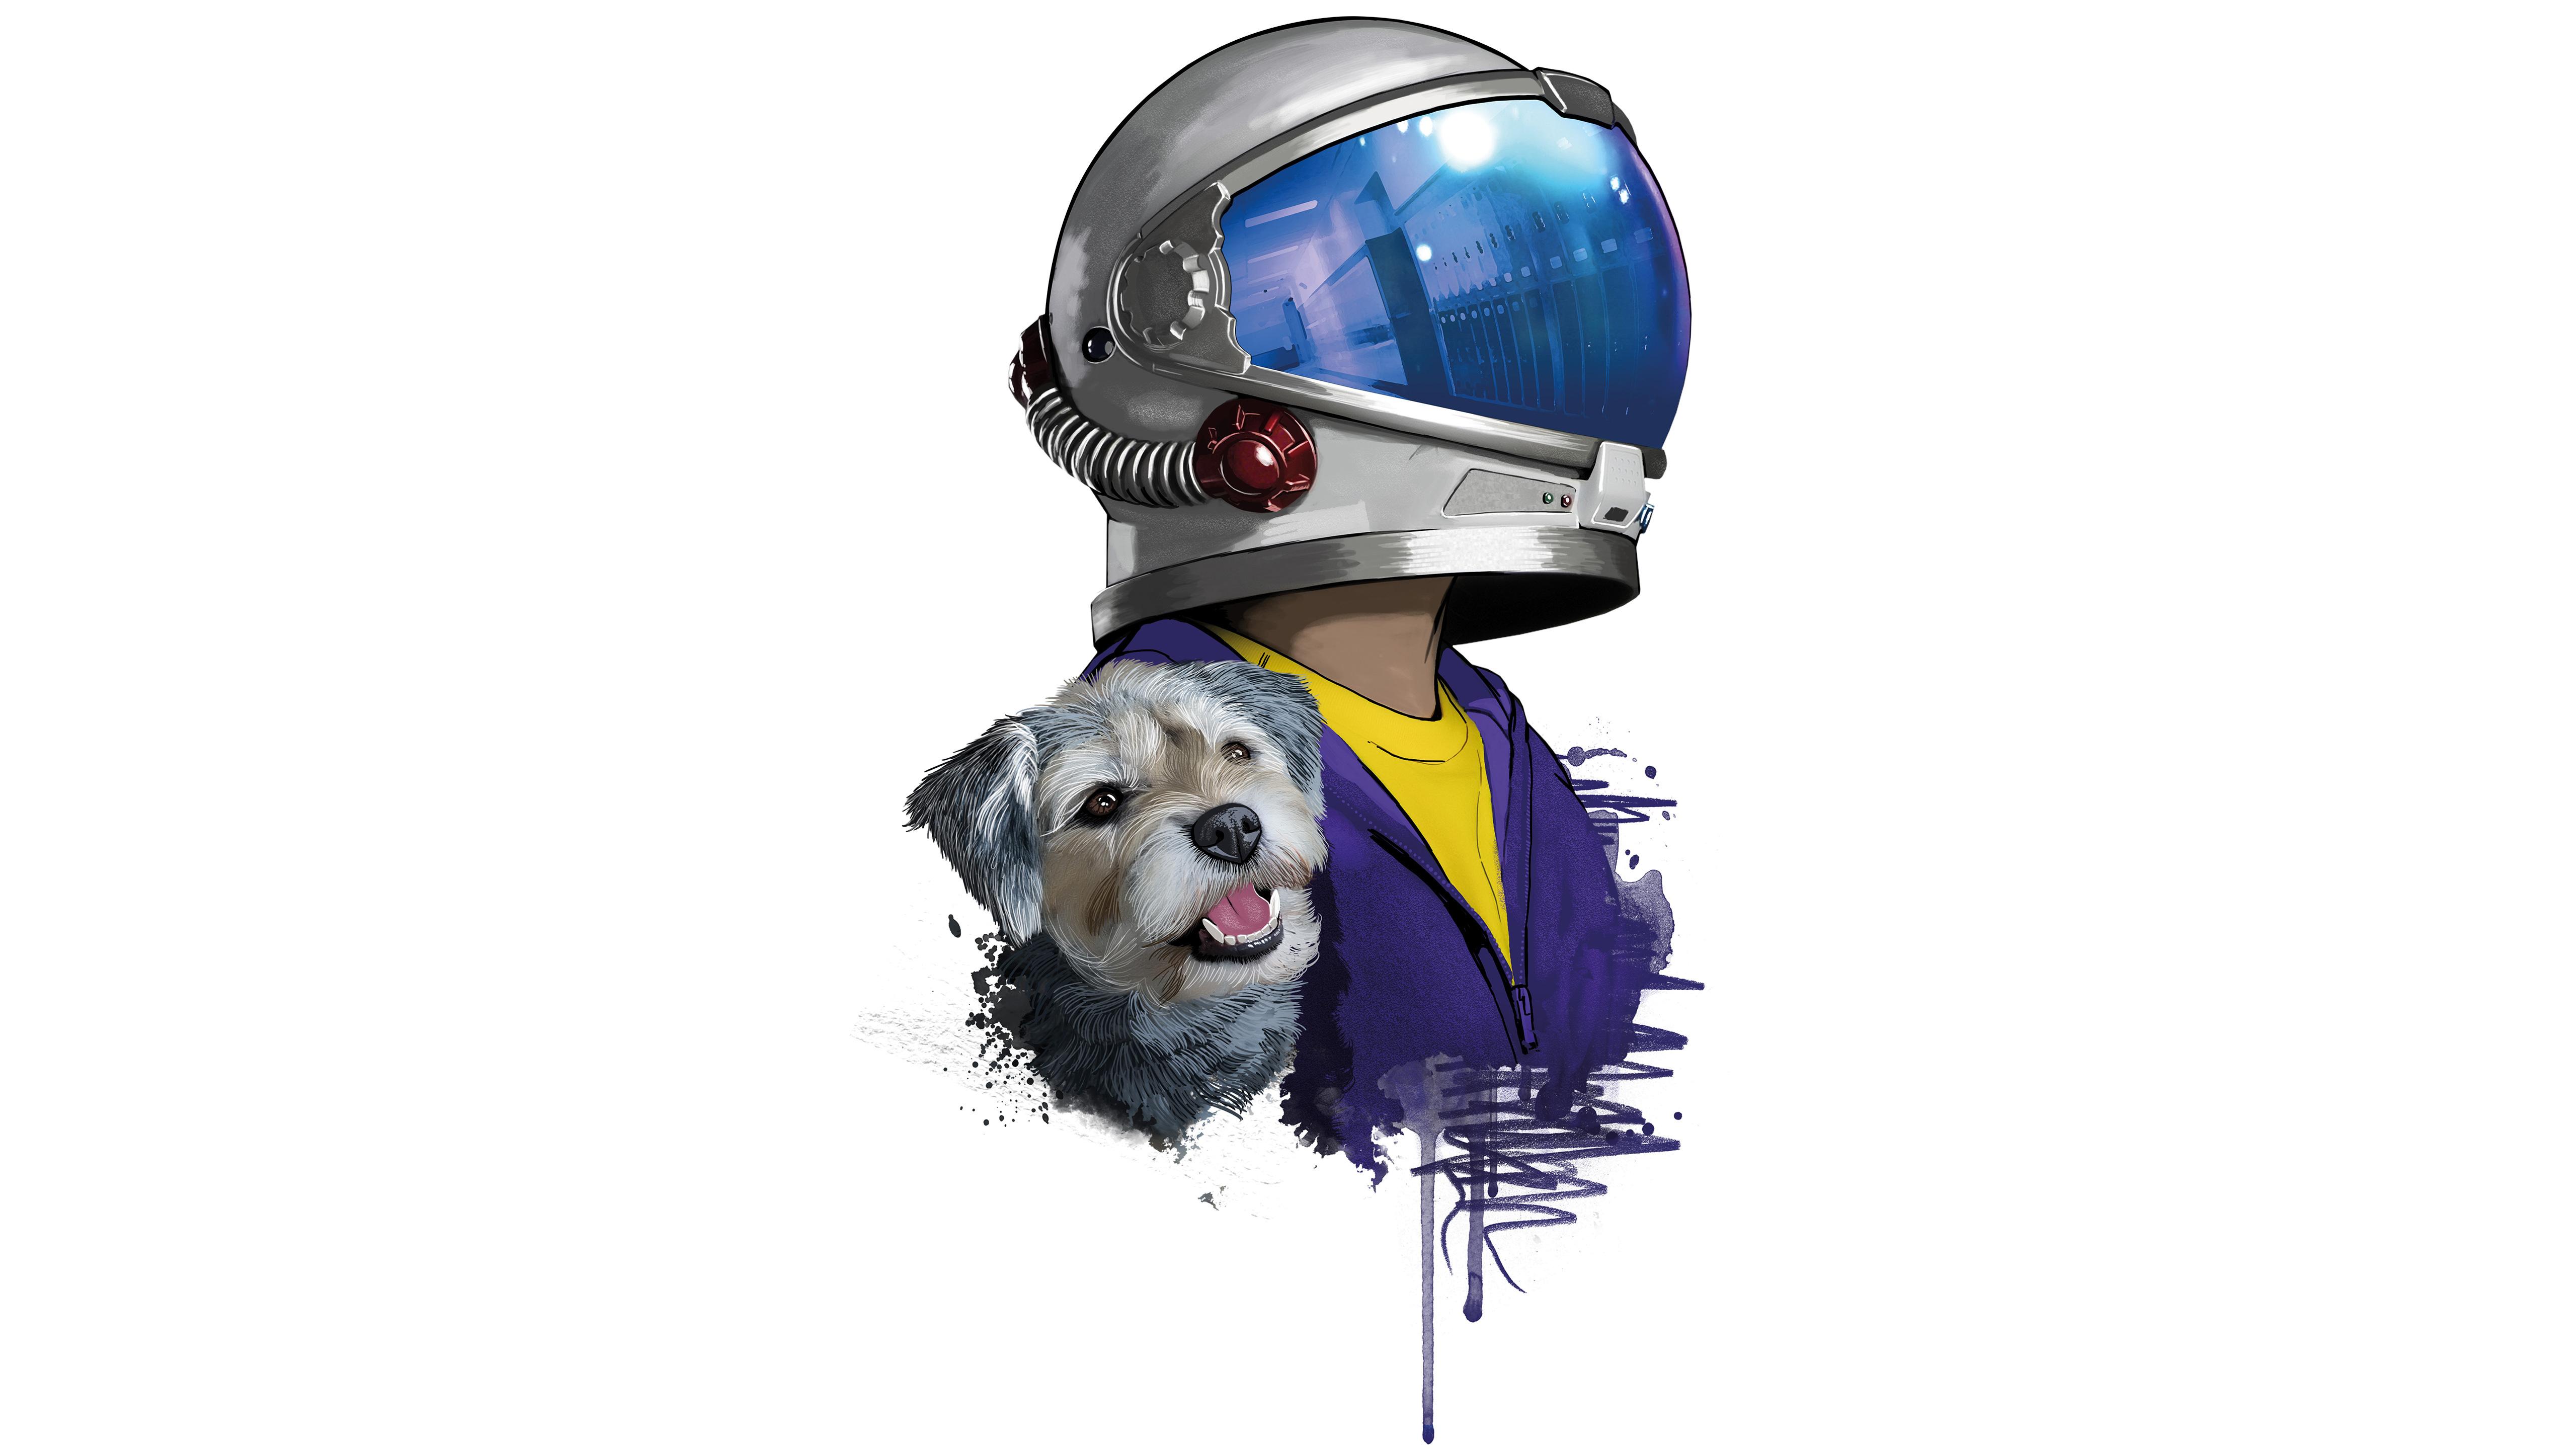 rider-helmet-dog-minimal-5k-3t.jpg